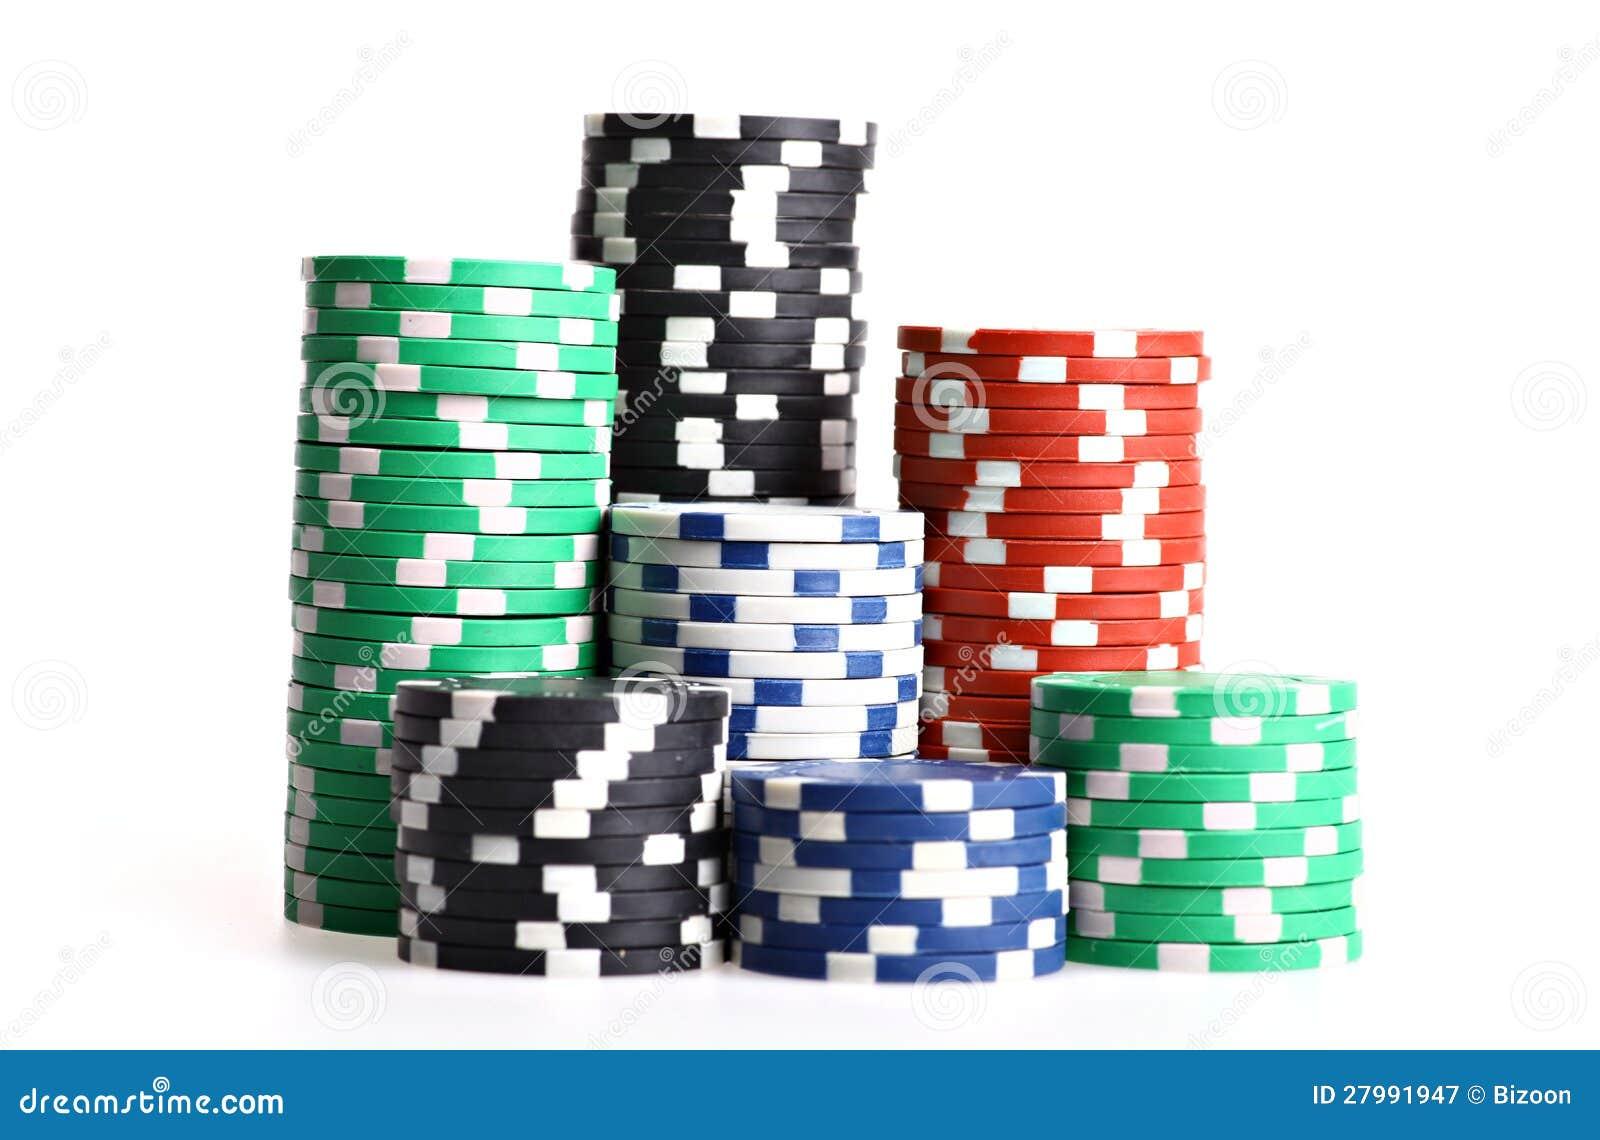 casino gambling in texas